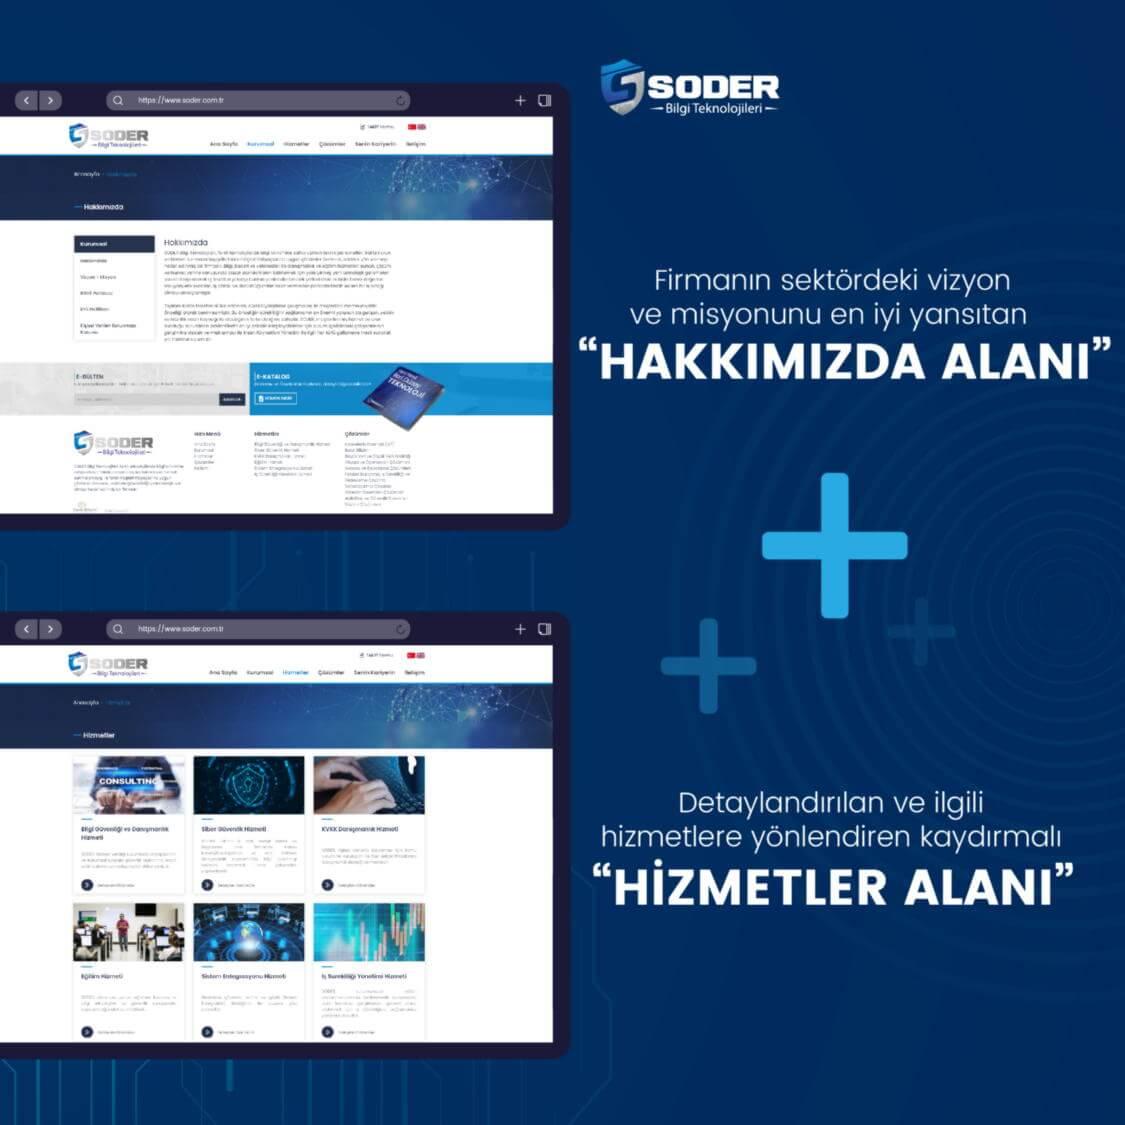 Soder Bilgi Teknolojileri Web Tasarım